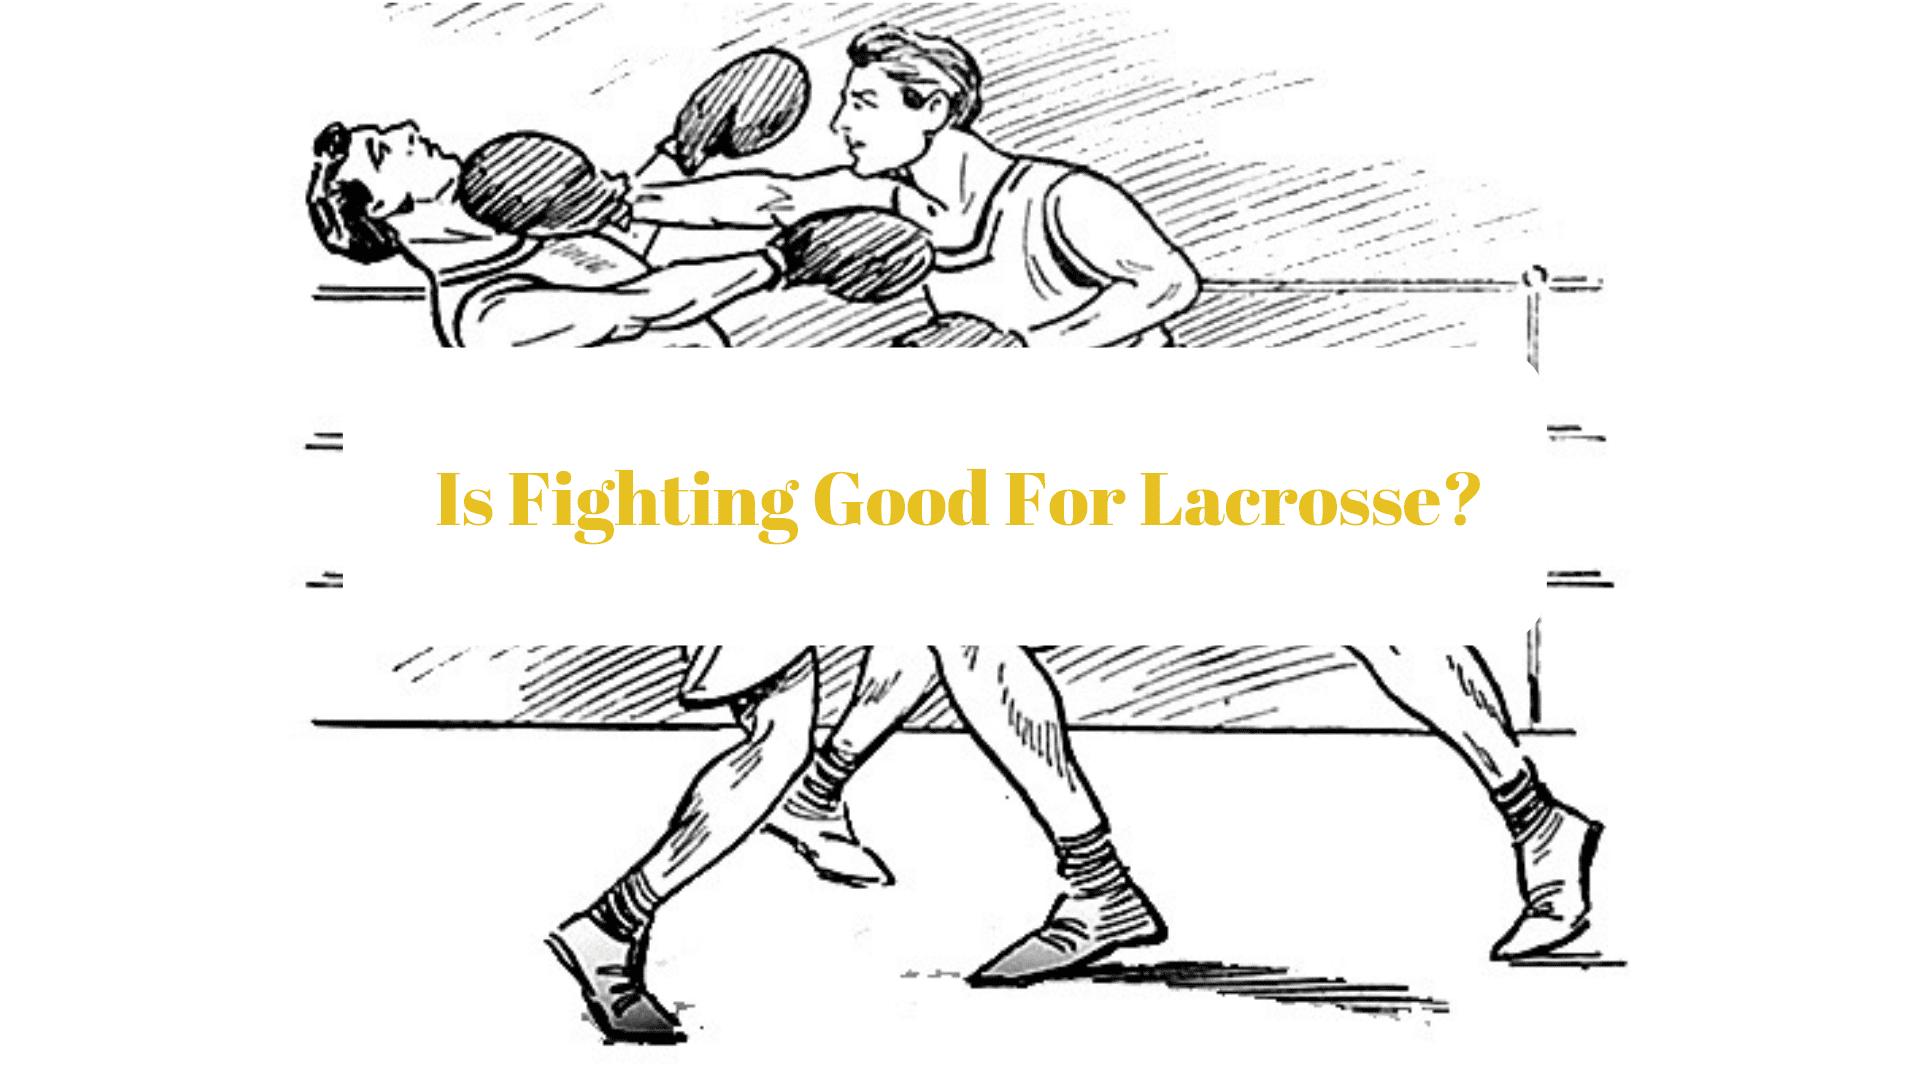 fighting wwe premier lacrosse